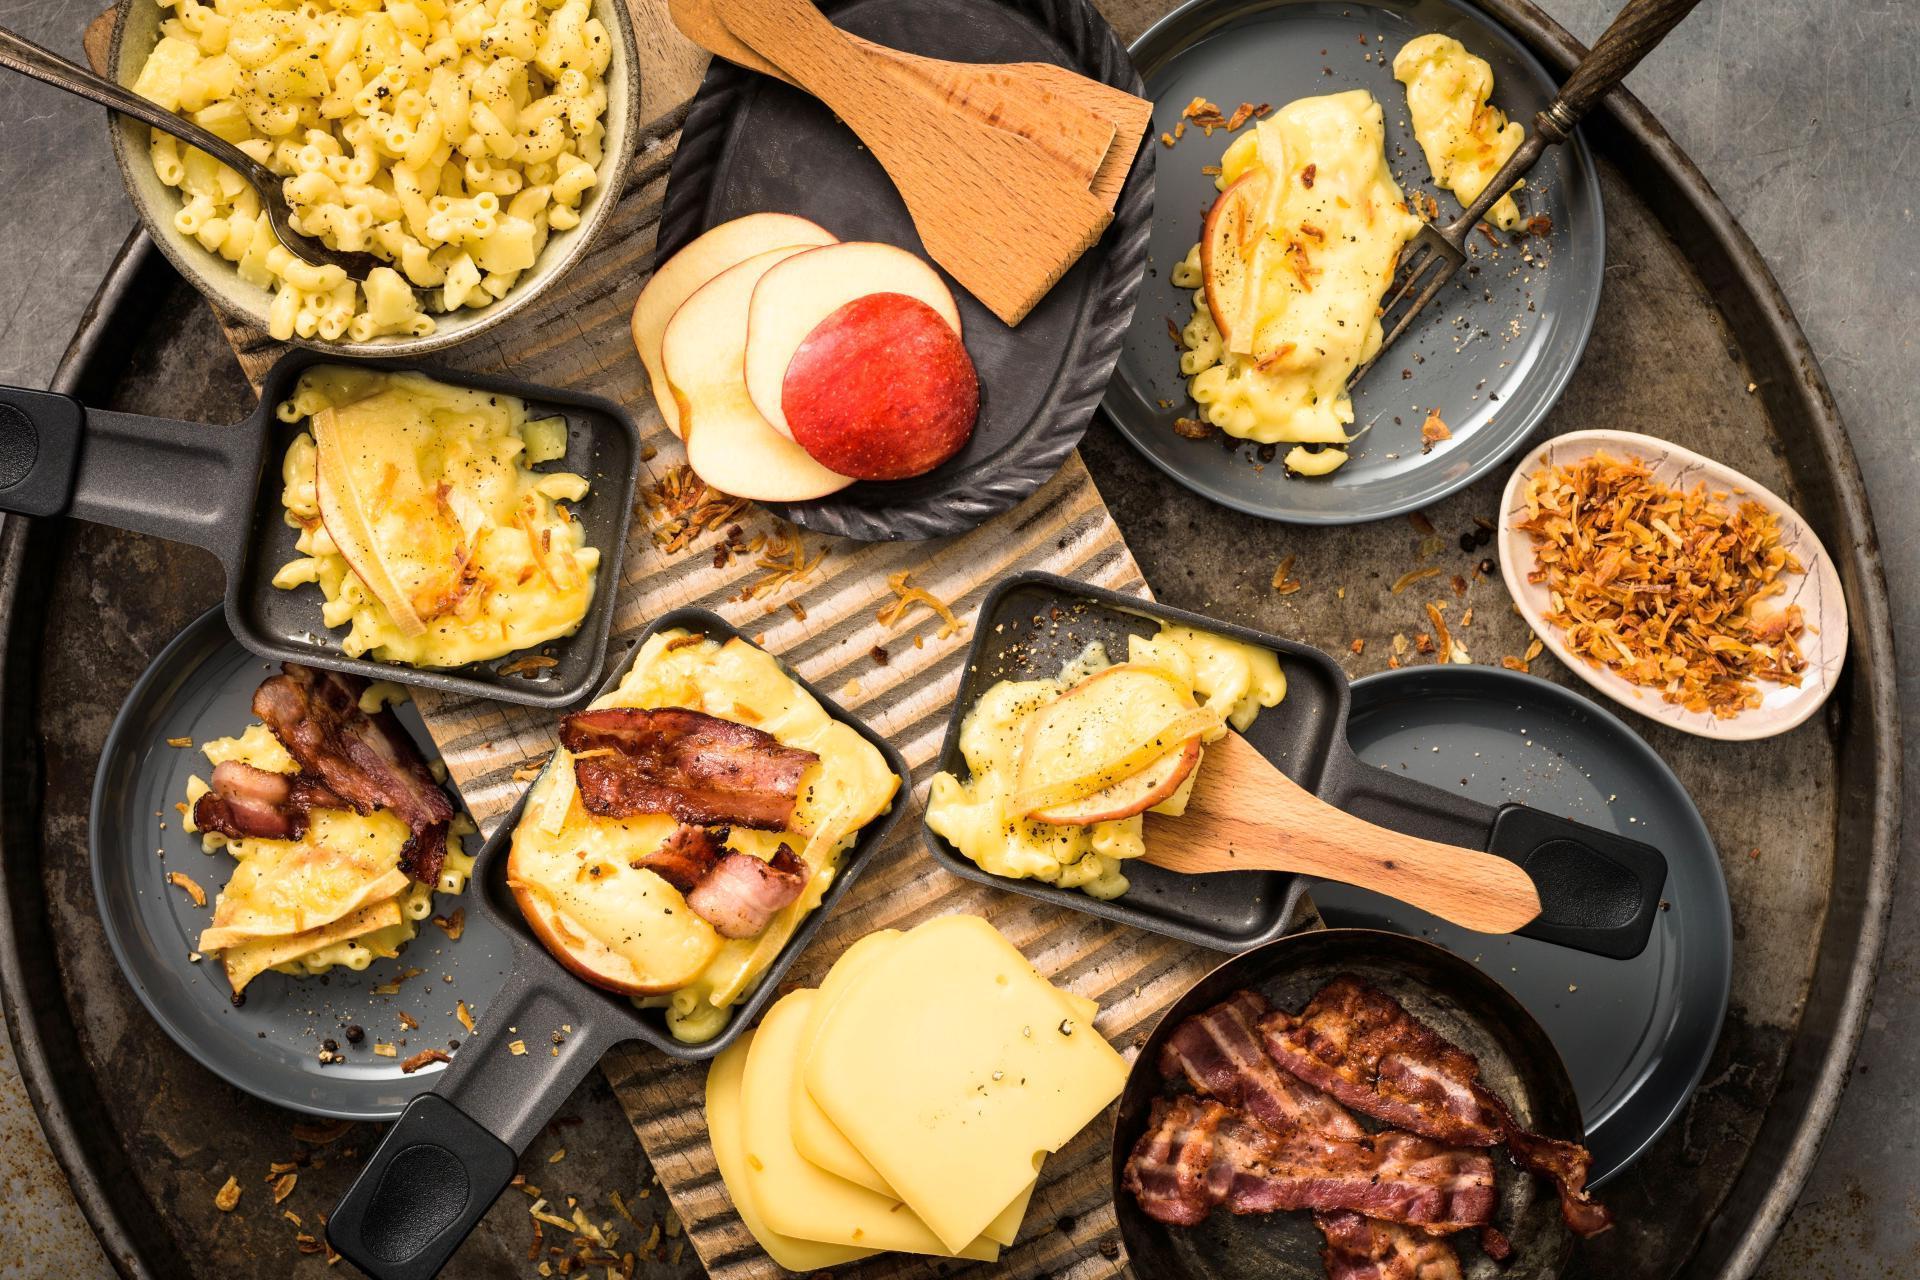 Raclette Zutatenliste für einen Raclette Abend für 4 Personen